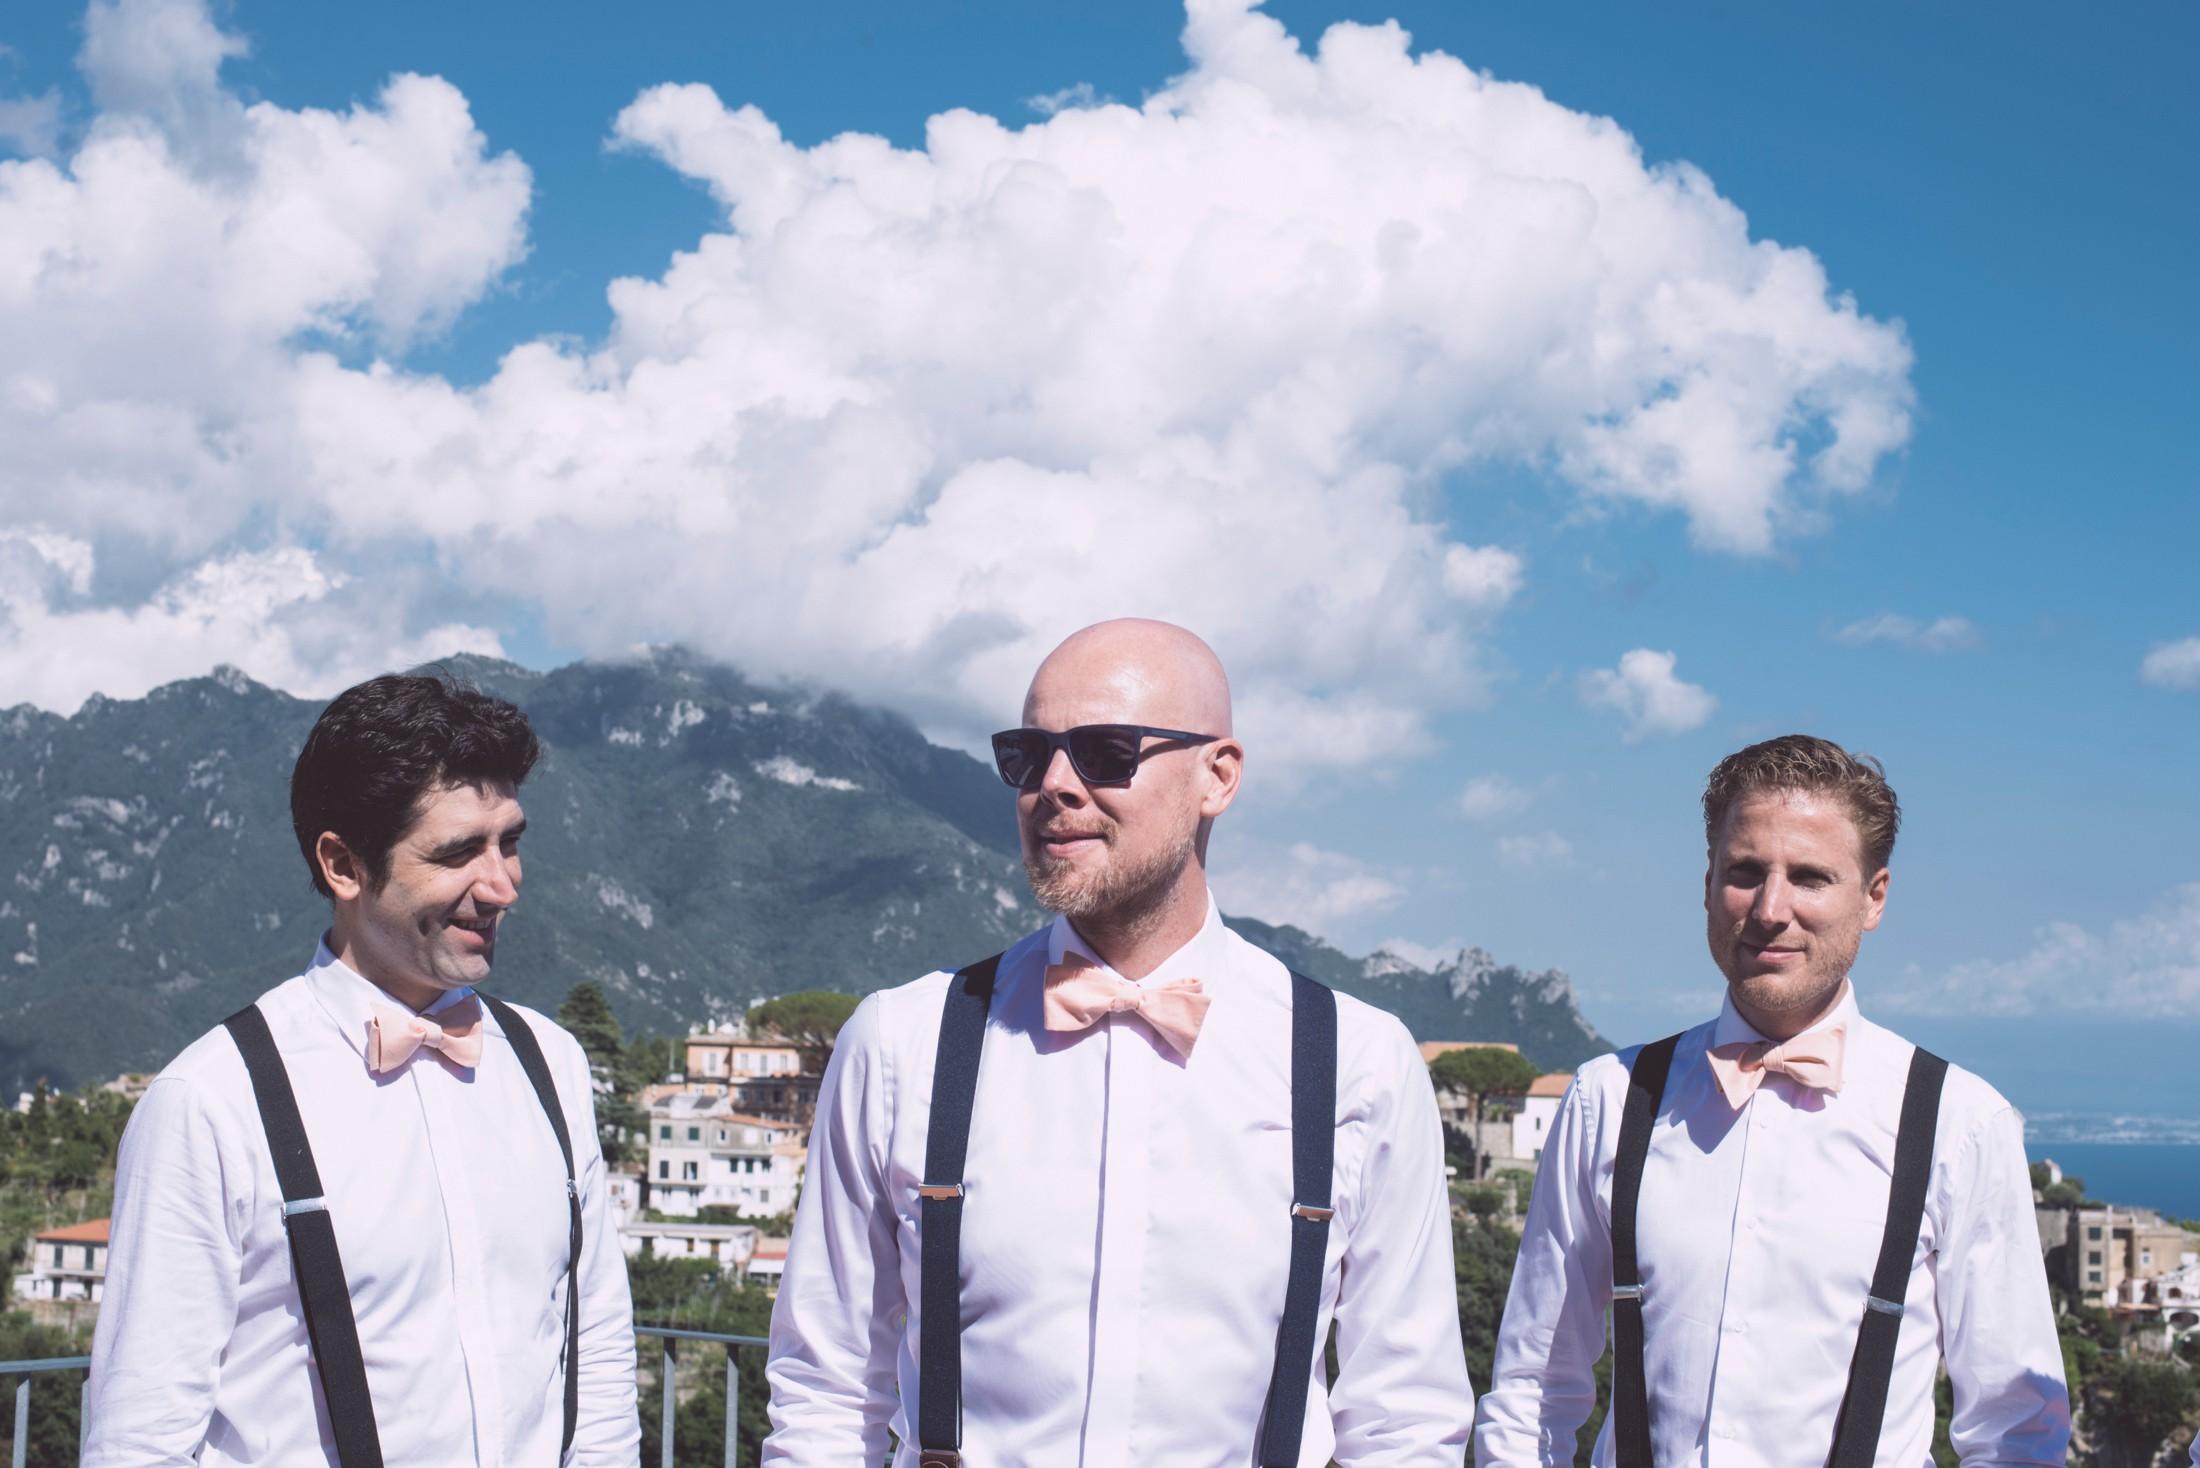 wedding in ravello groom's portrait with his best men